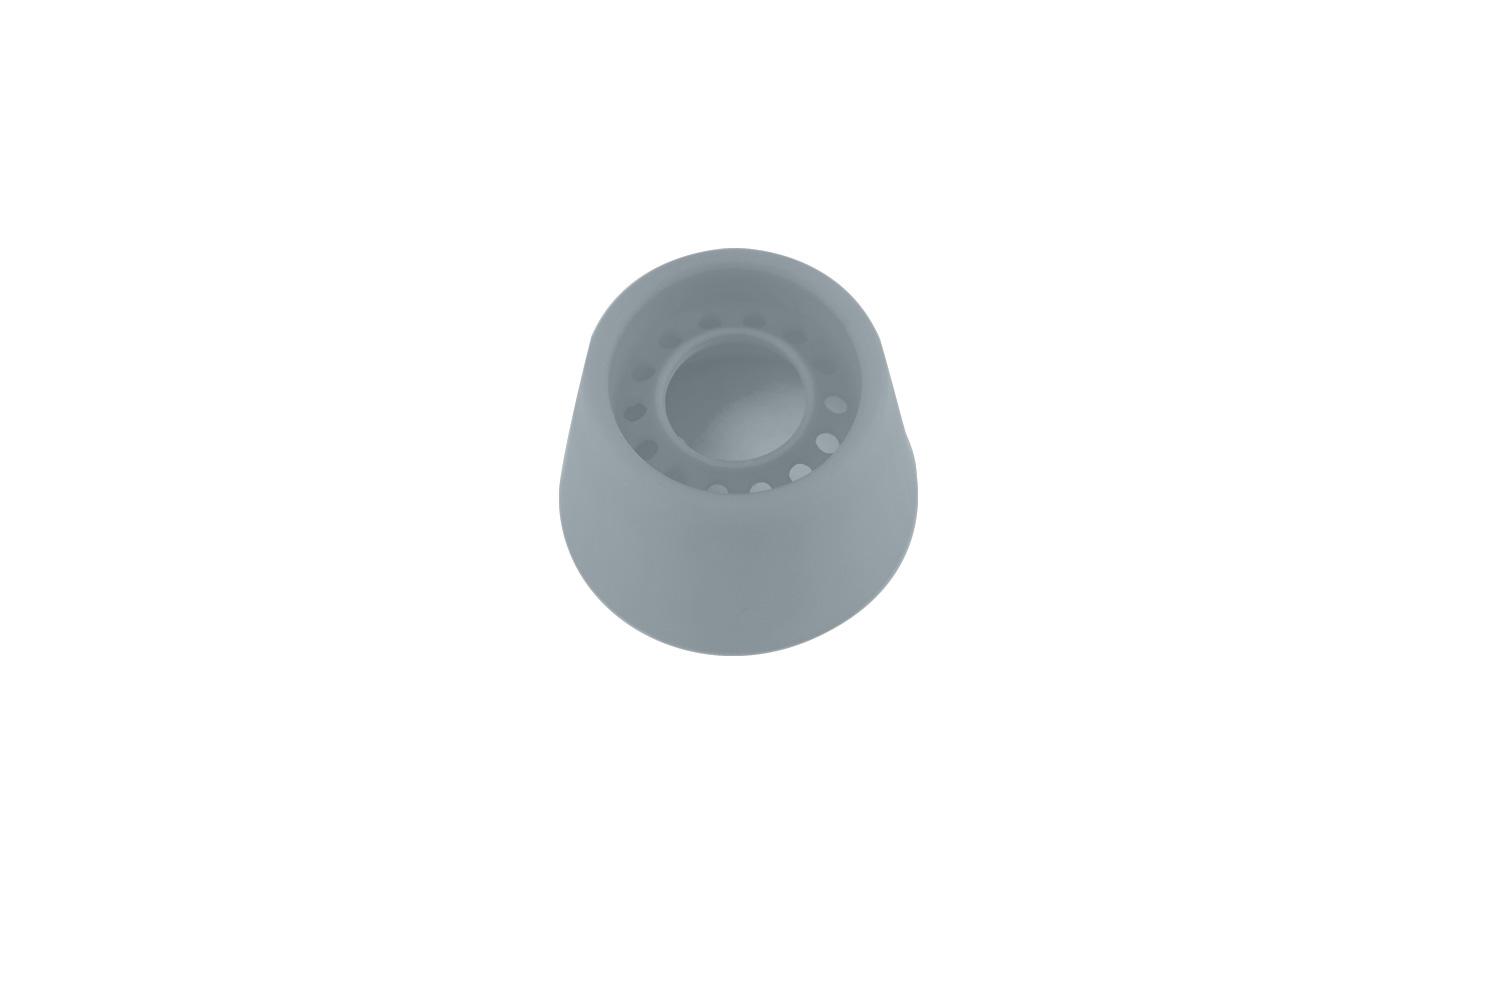 Remoska® Náhradní krytka ventilu na soft-tlakovém víku Barva: Šedá